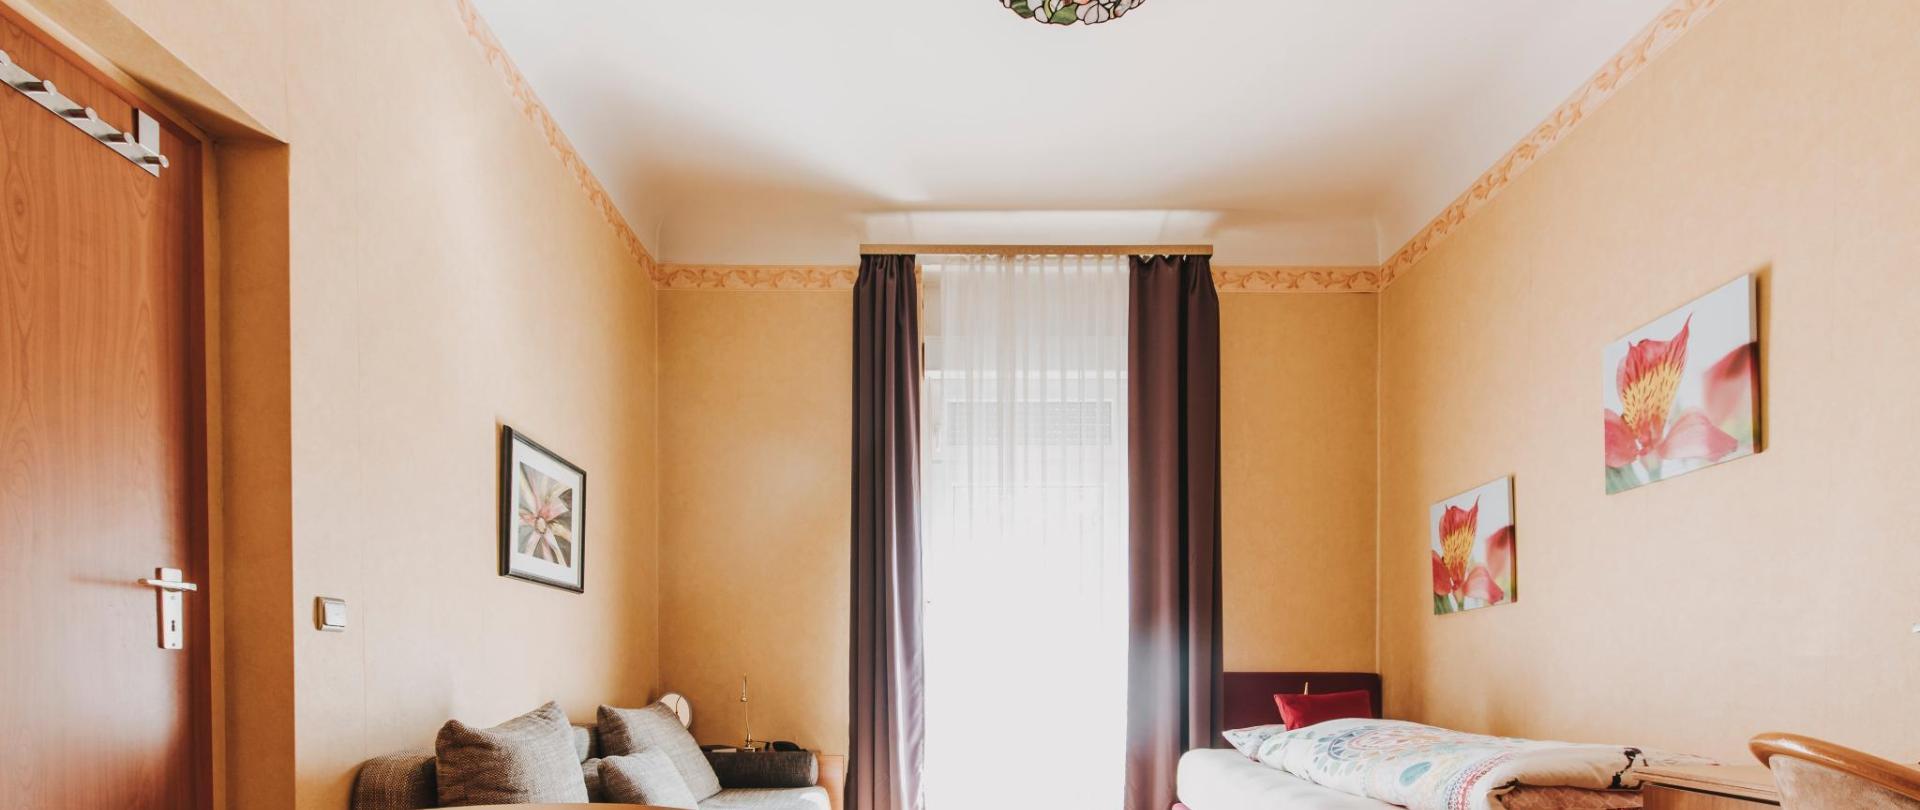 HotelBadNauheim270.jpg